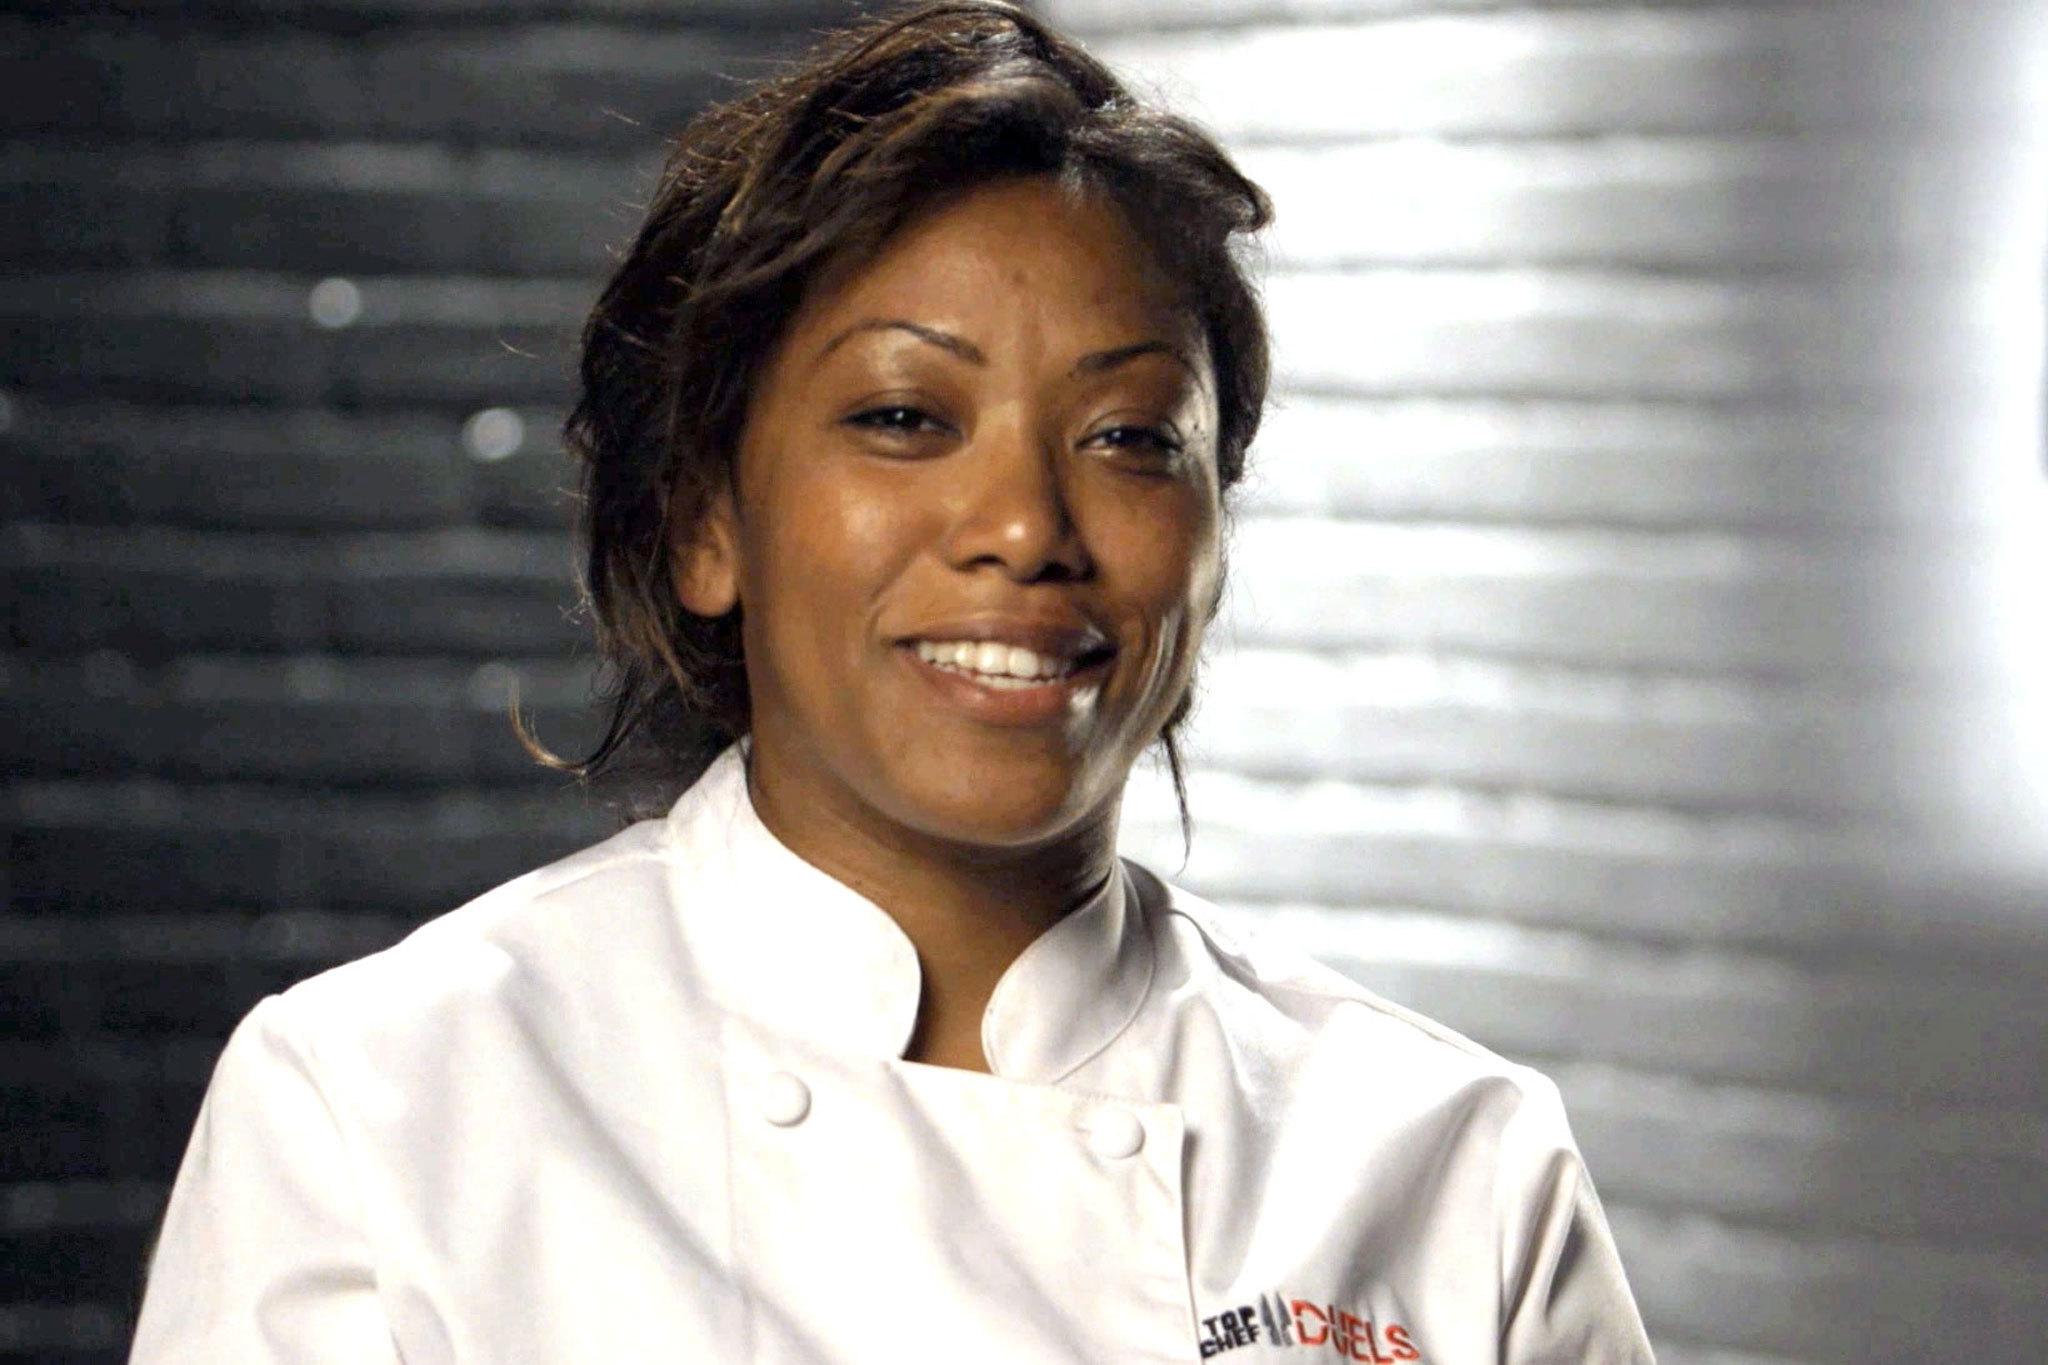 Nyesha Arrington